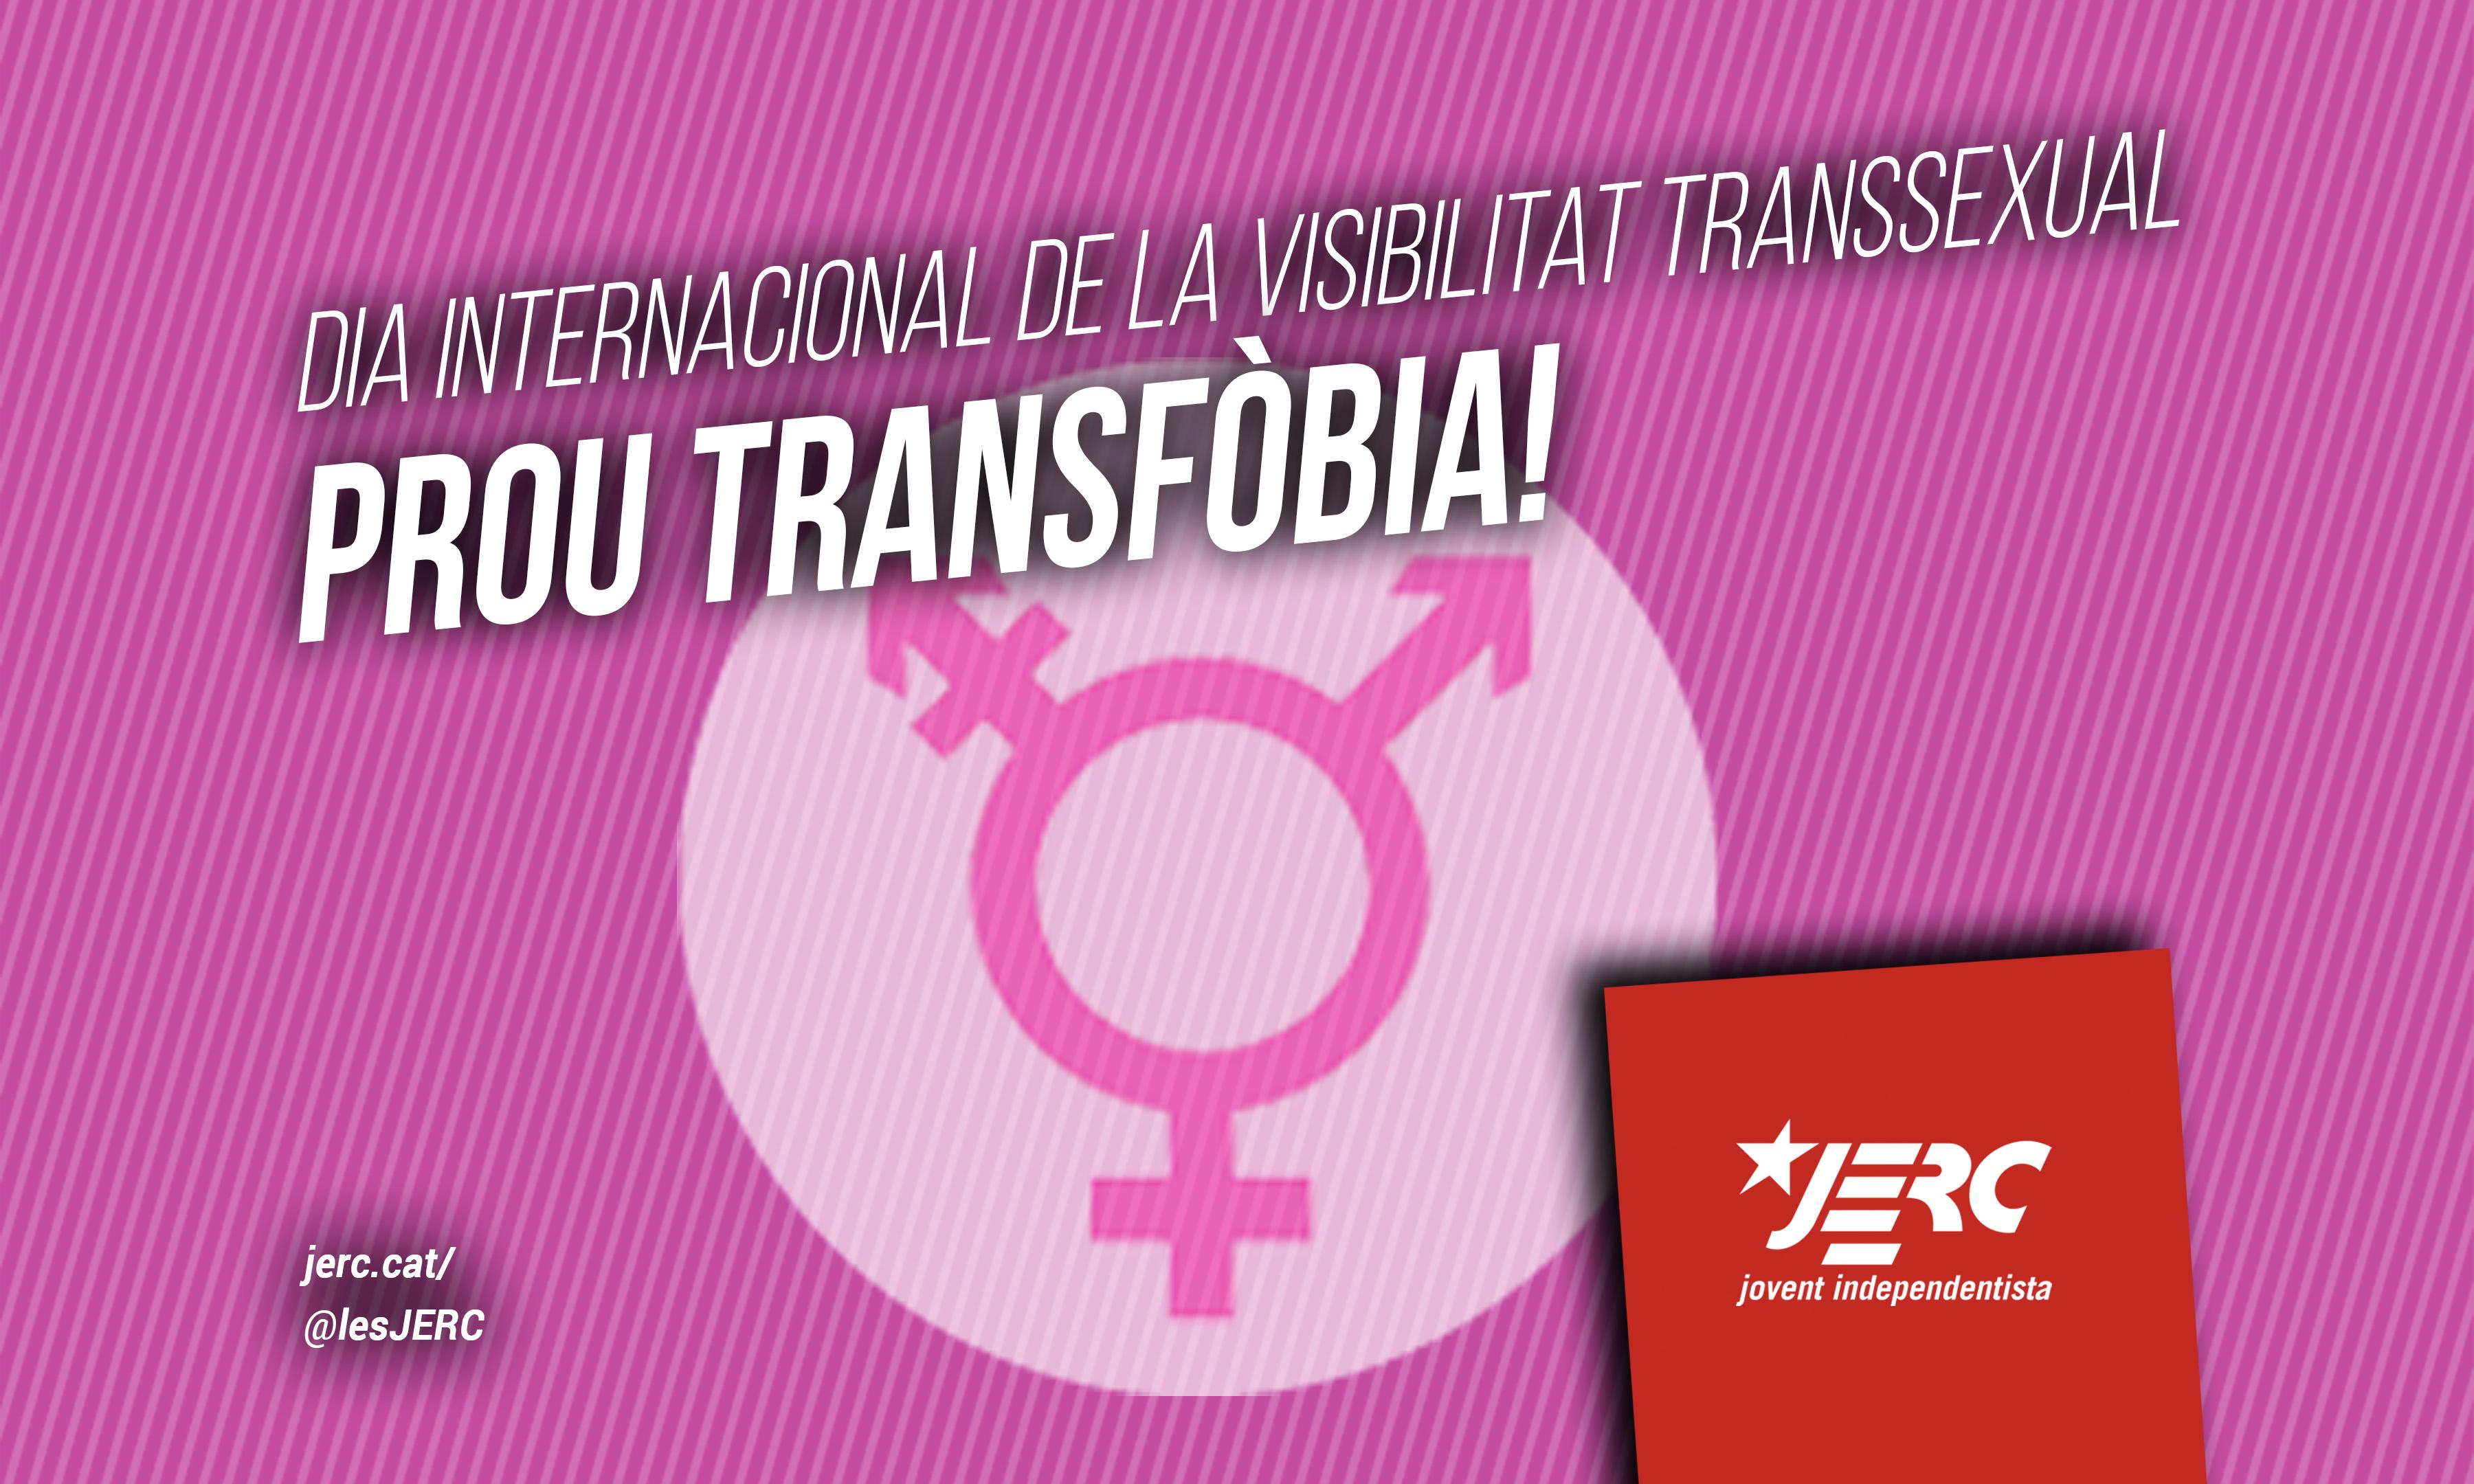 Dia Internacional de la visibilitat transsexual